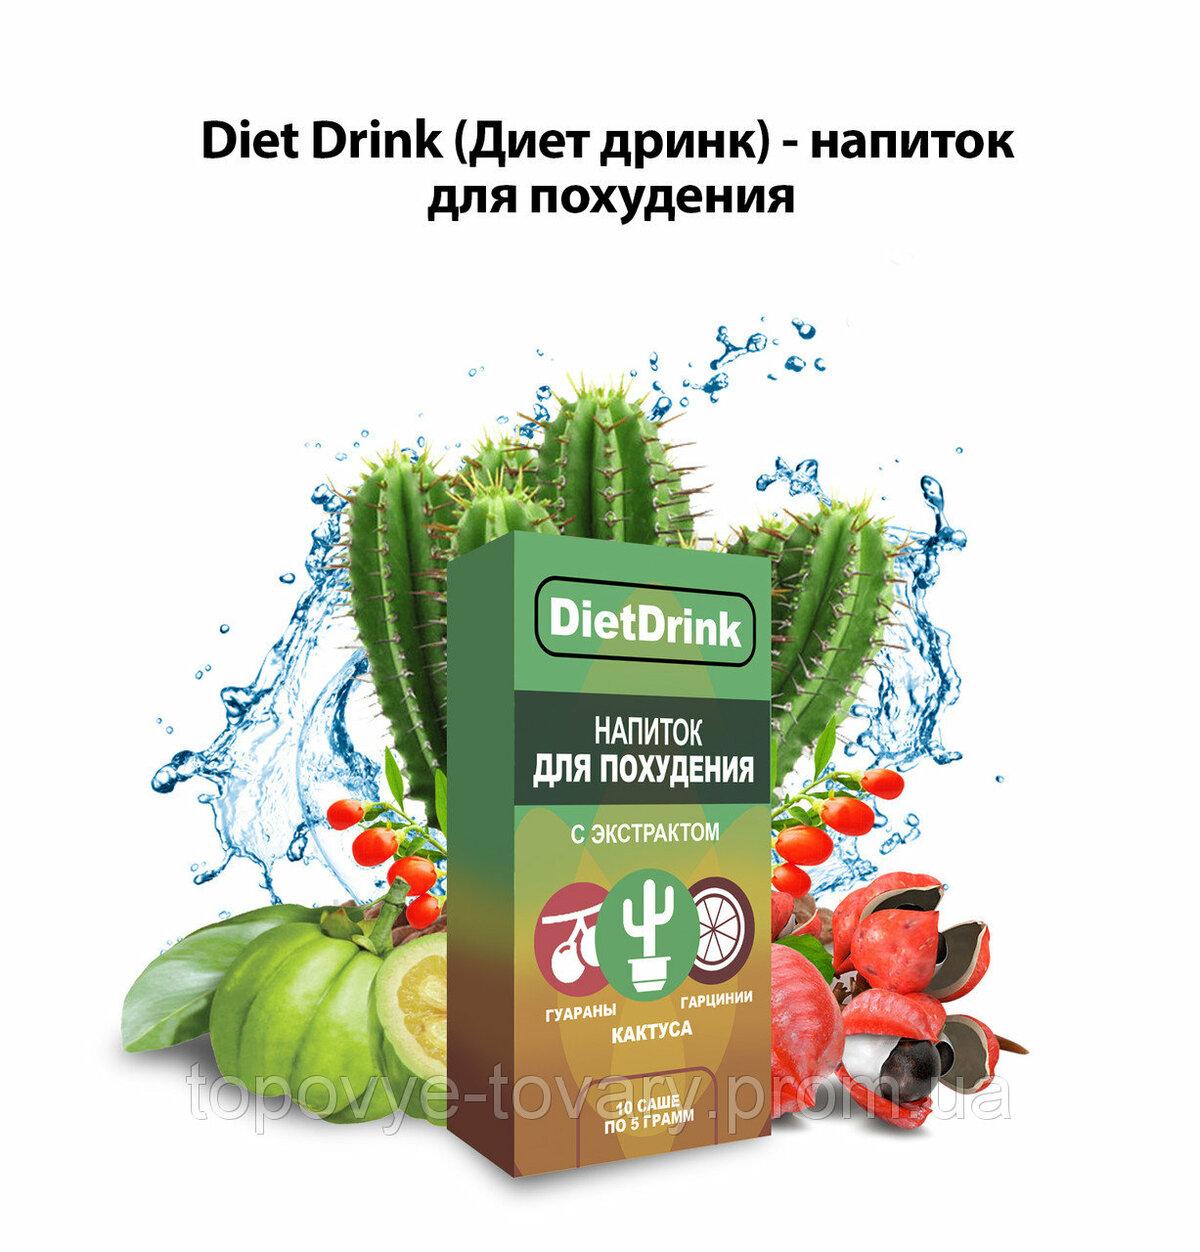 DietDrink напиток для похудения в Ростове-на-Дону